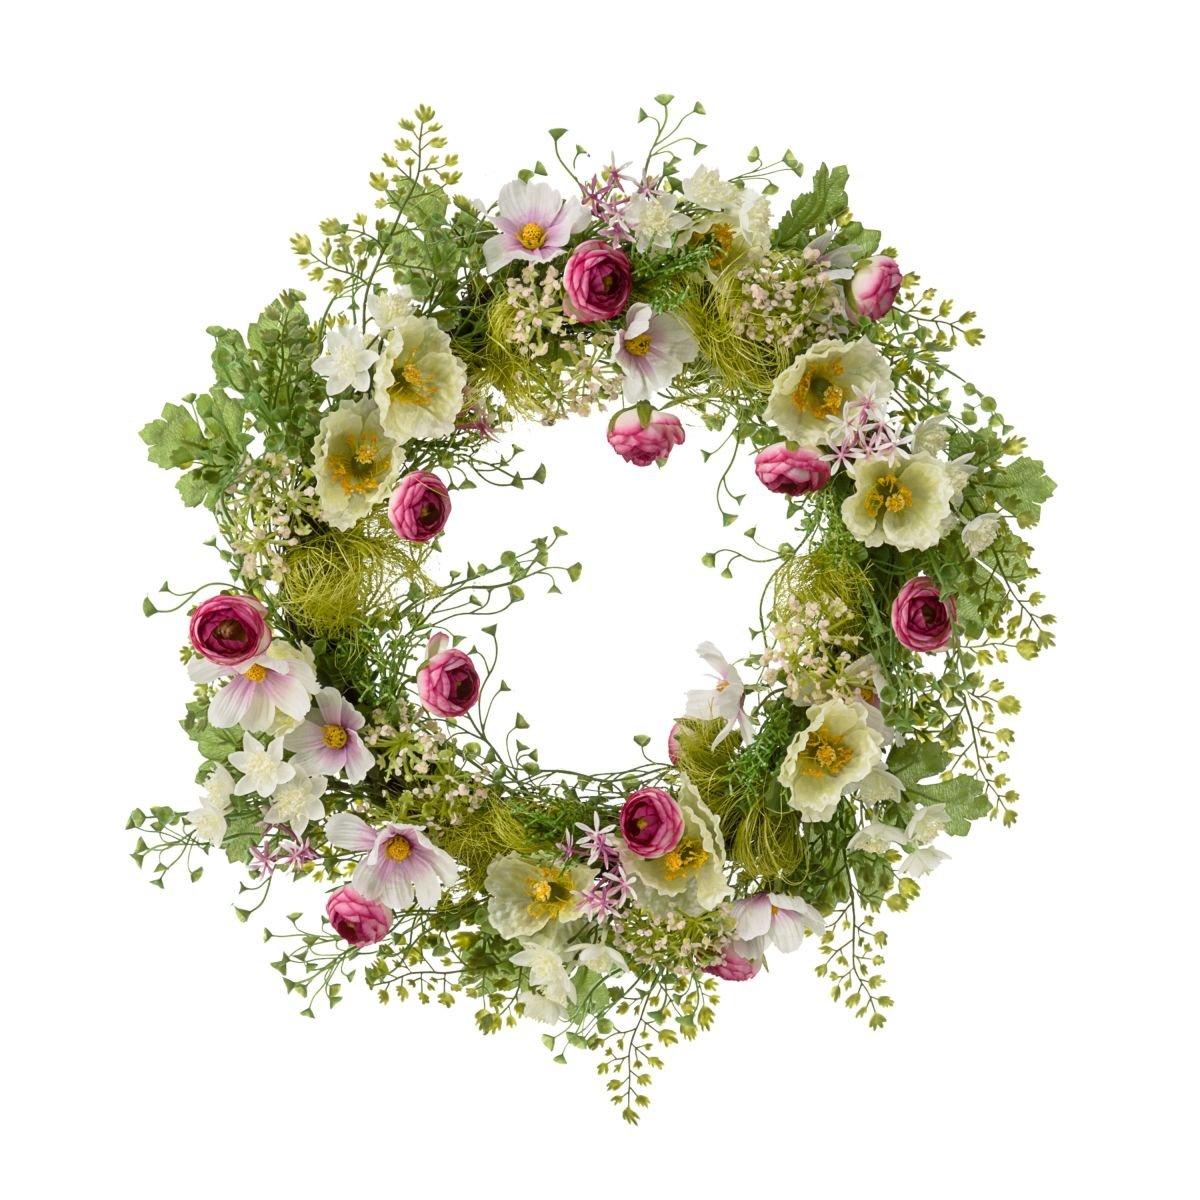 PuROTay Dekokranz Frühlingswiese - Frühlingskranz mit Blüten Blüten Blüten - Grün Rosa - ca. Ø 40 cm dfac88